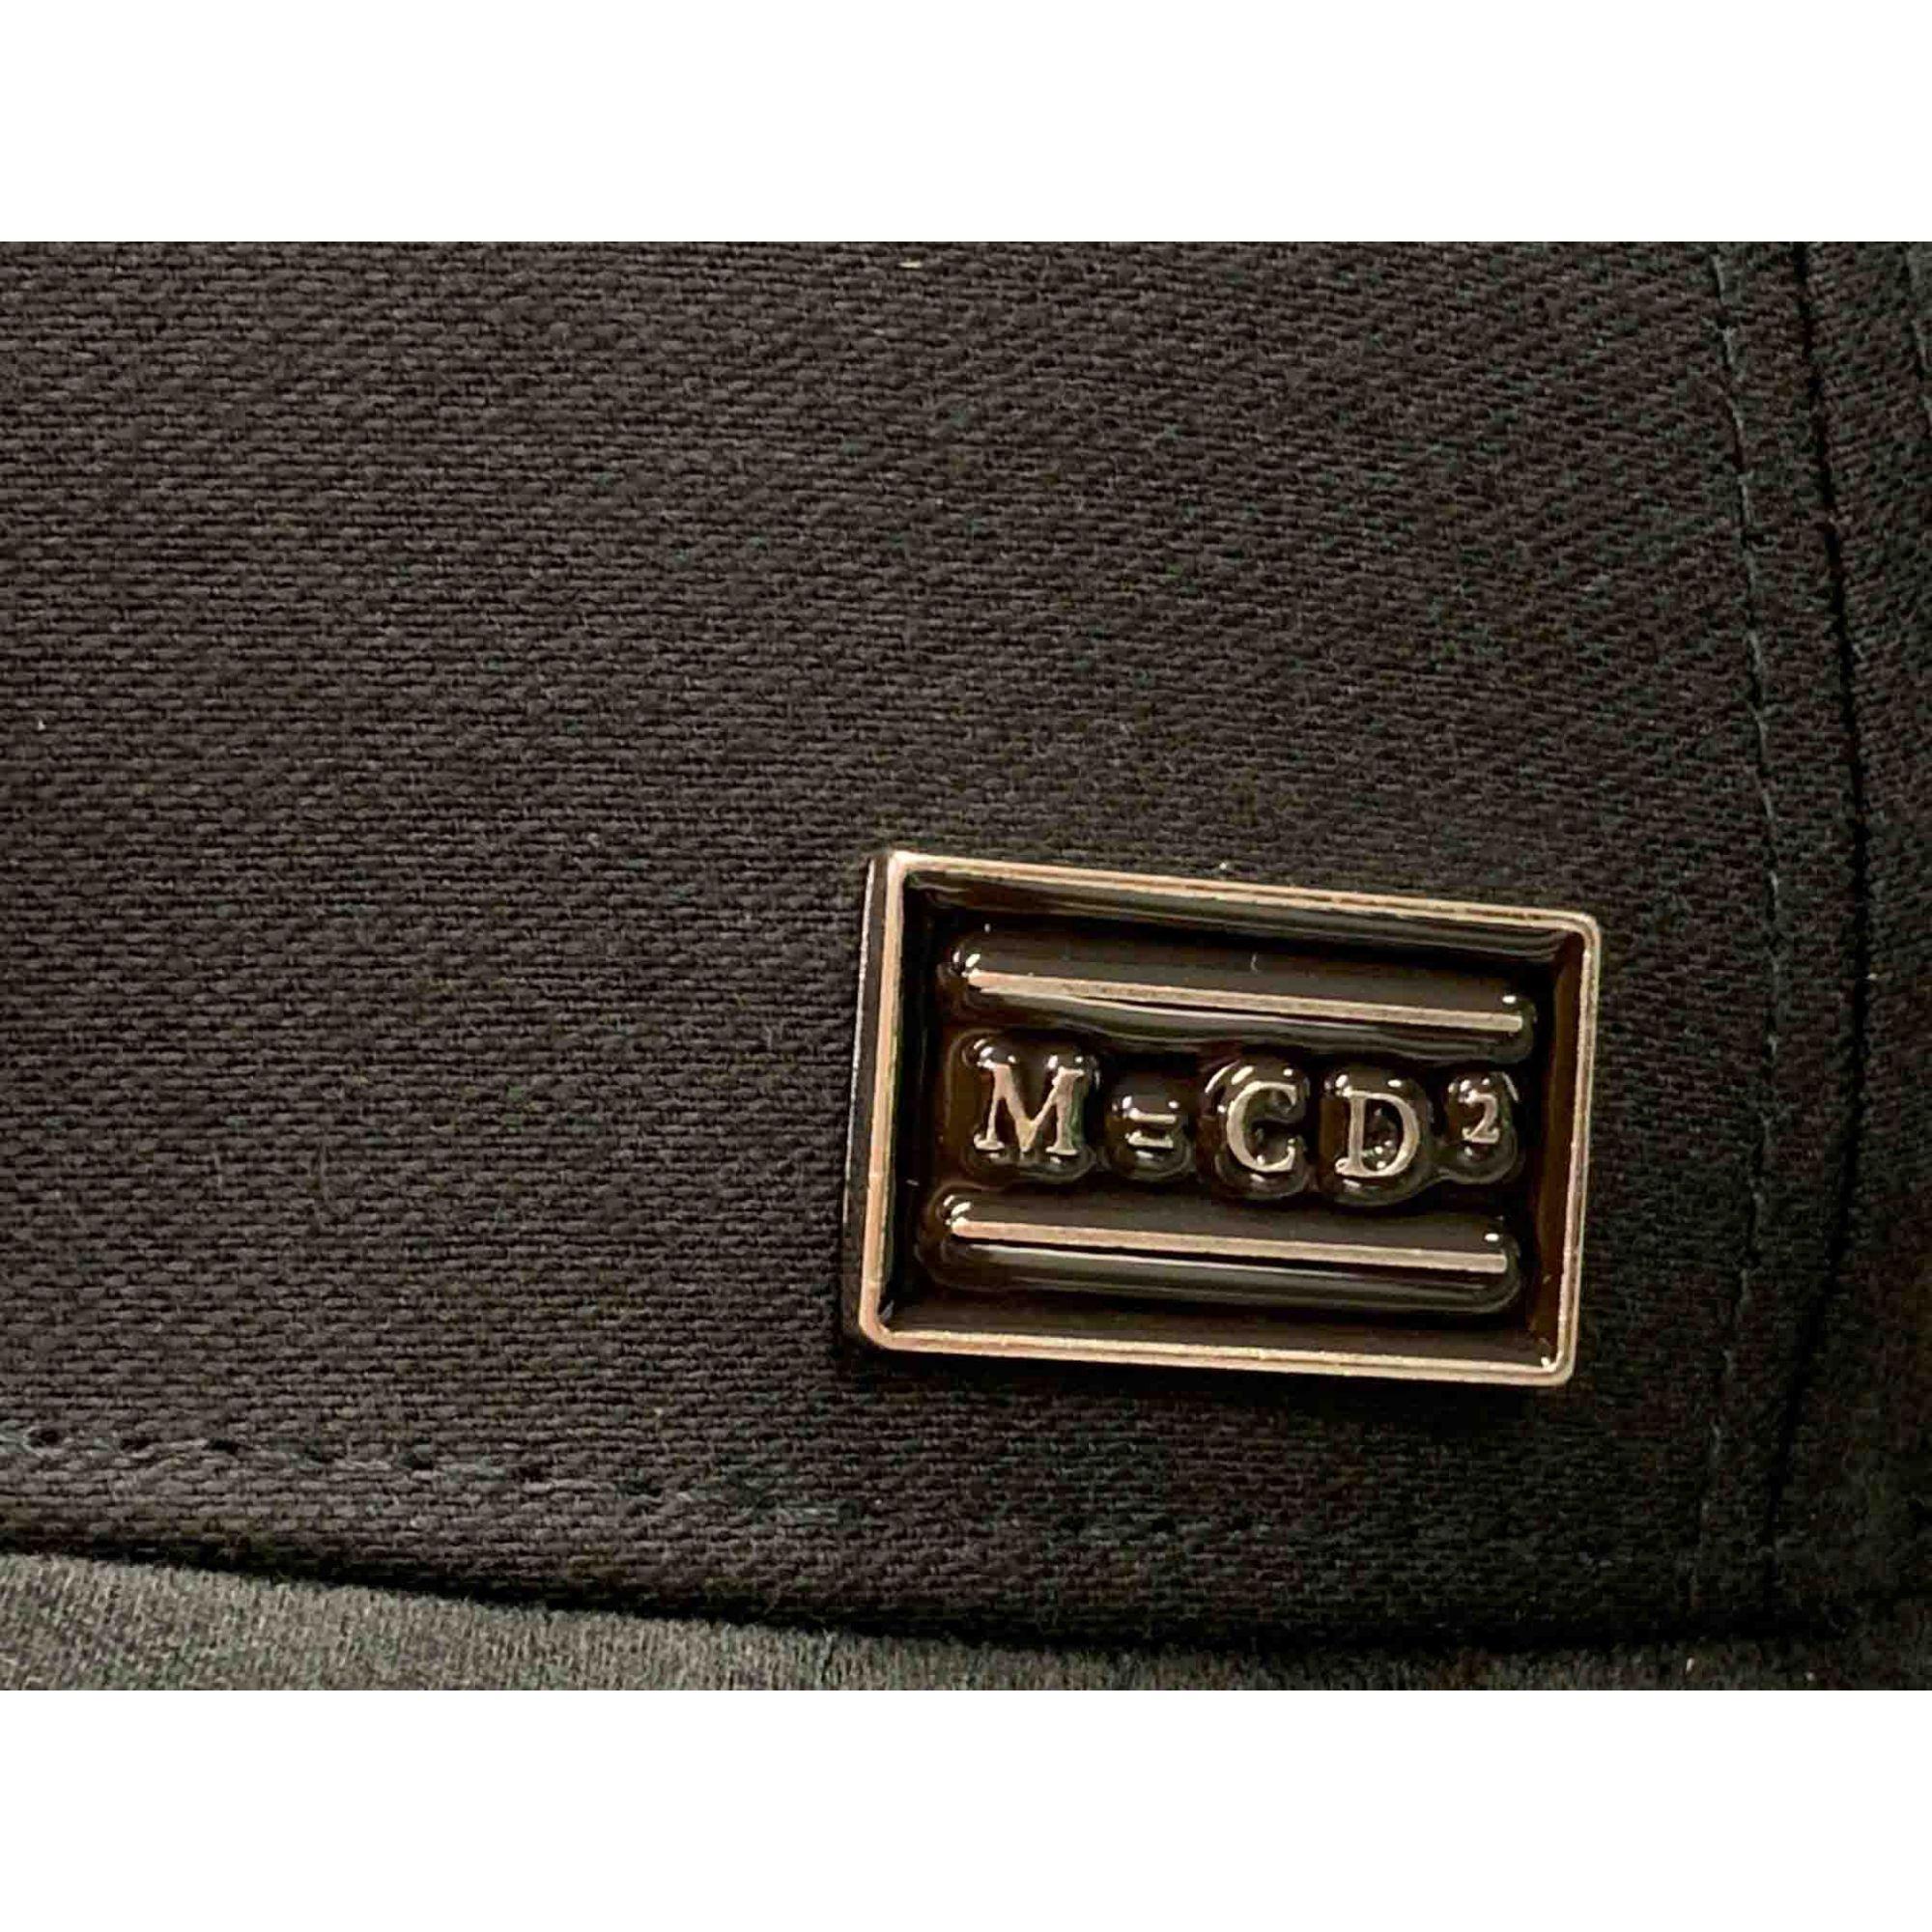 Boné Mcd Aba Curva 12026522 MCD2 Masculino